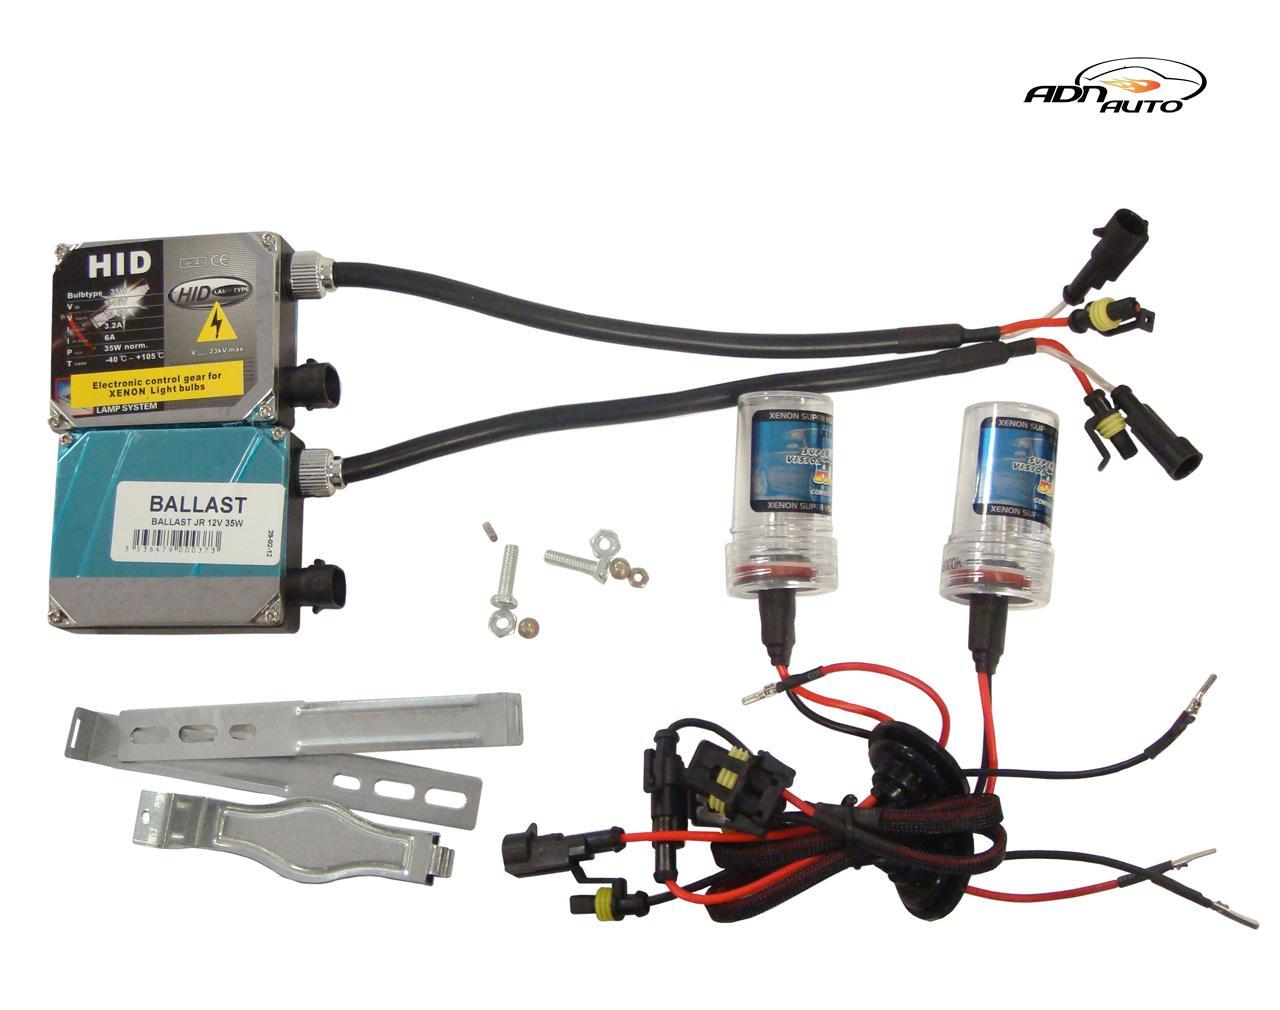 kit ampoule voiture xenon adnautomid 2 ampoules h3 6000k. Black Bedroom Furniture Sets. Home Design Ideas